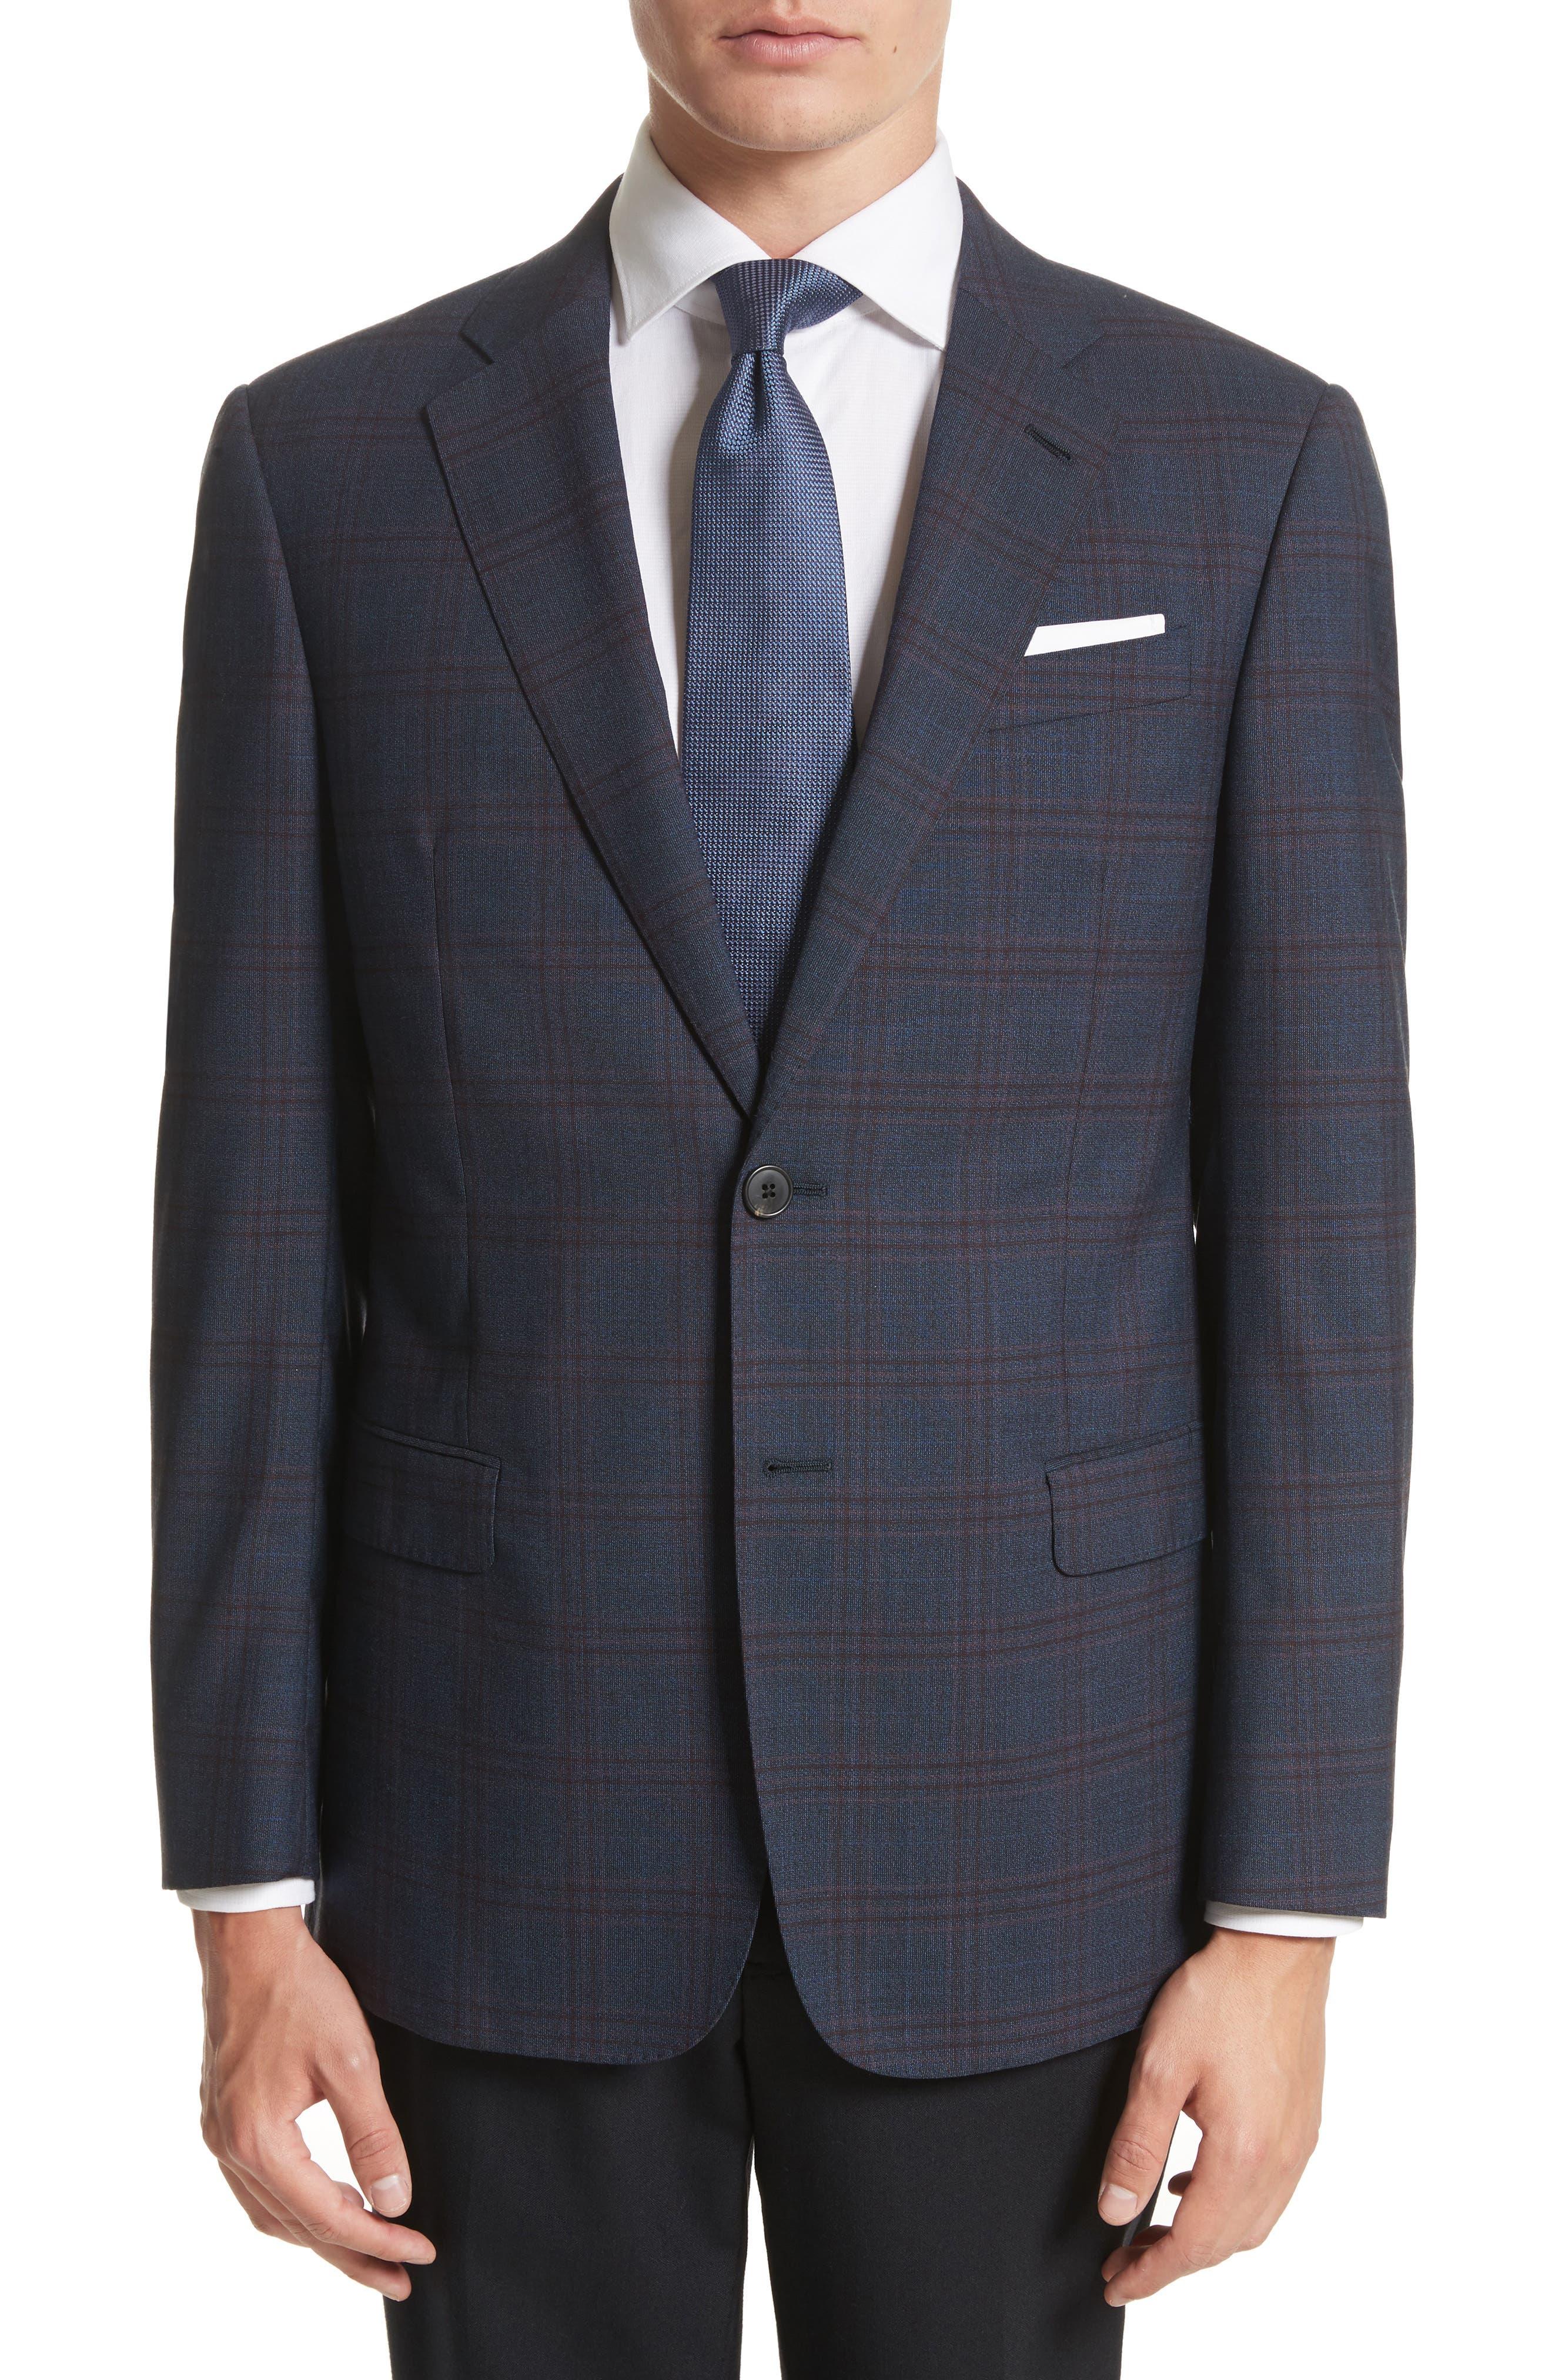 Main Image - Armani Collezioni G-Line Trim Fit Plaid Wool Sport Coat